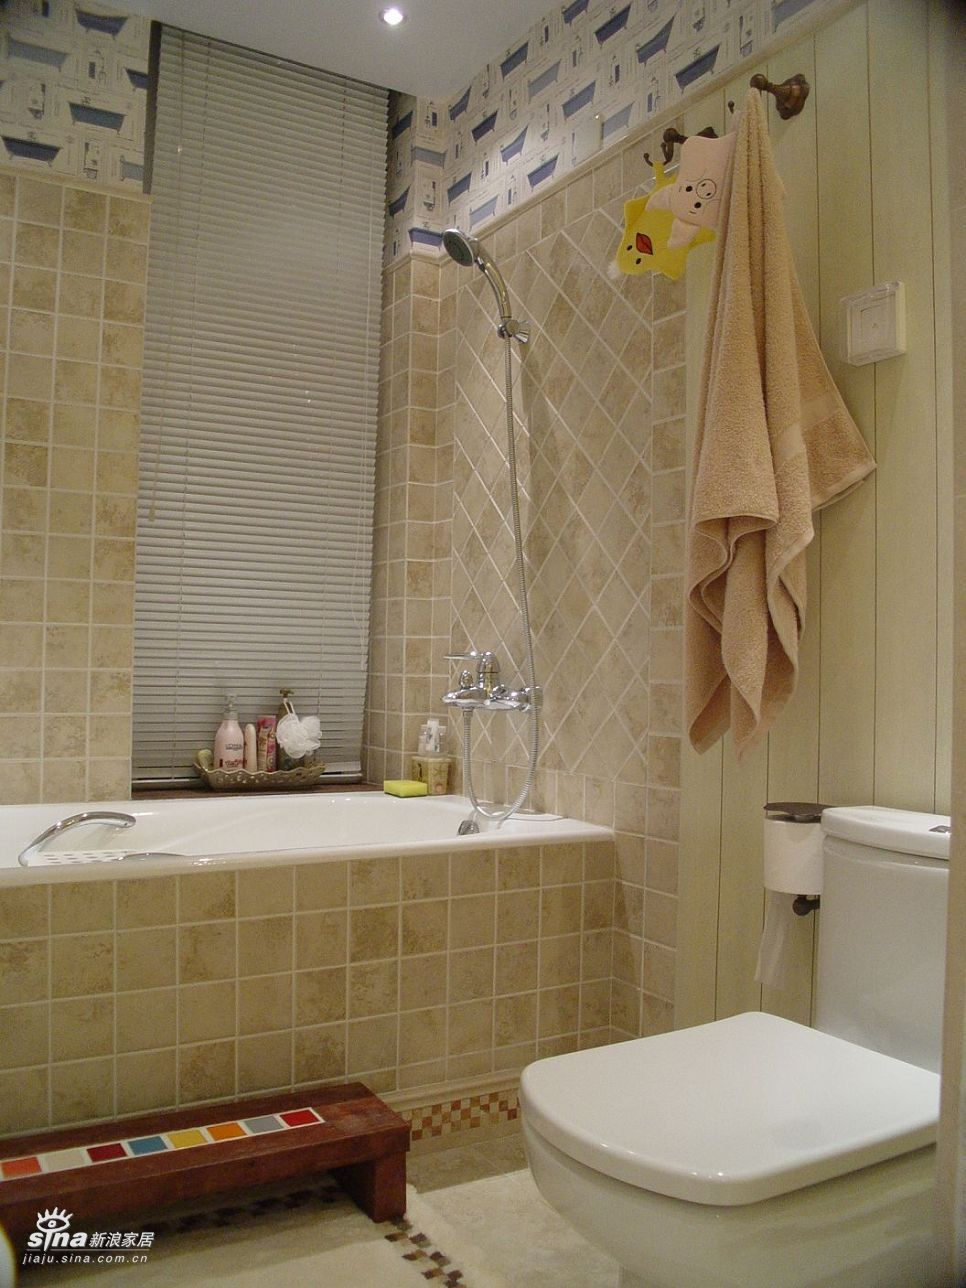 其他 复式 卫生间图片来自用户2558746857在复试叠拼新风格26的分享